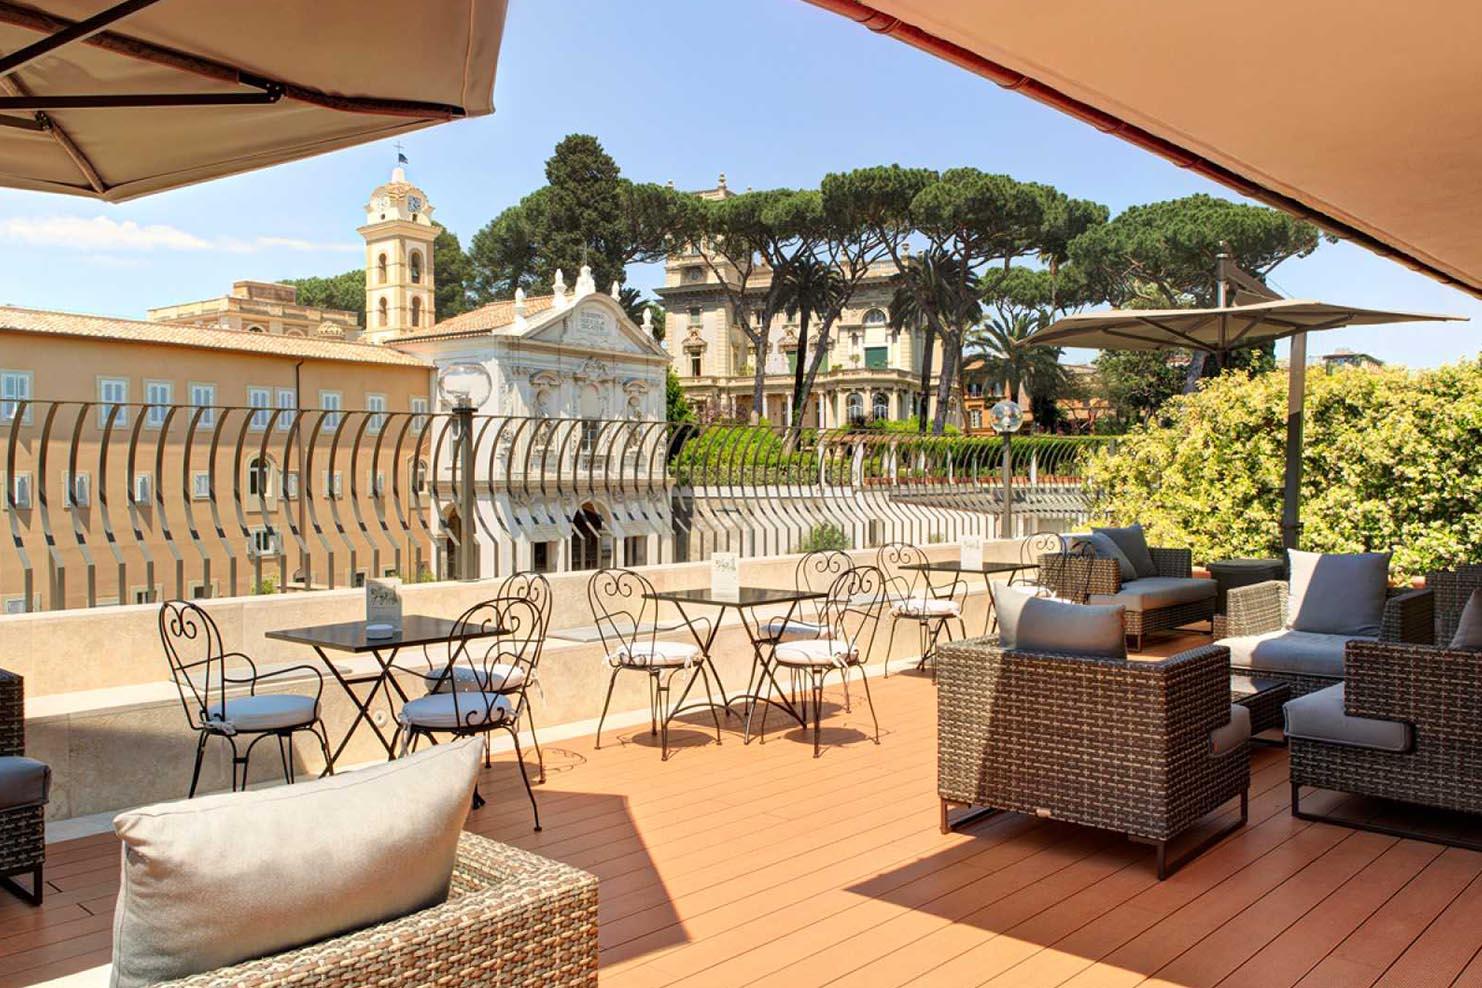 ITALY BOXES_0025_004 Hotel Degli Aristi Rome